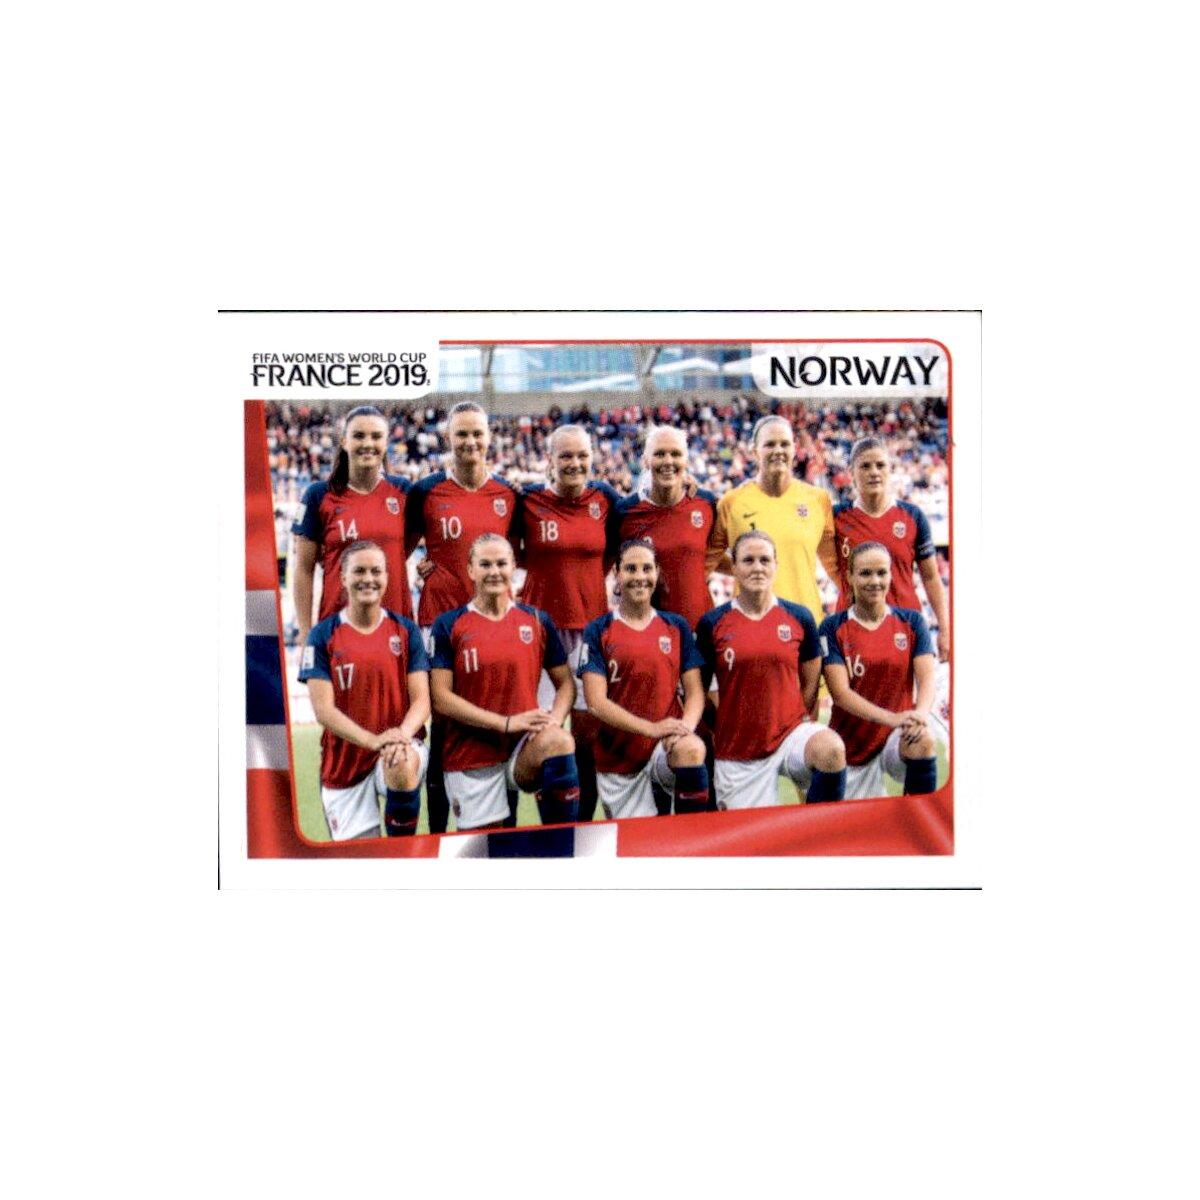 Frauen Wm Norwegen